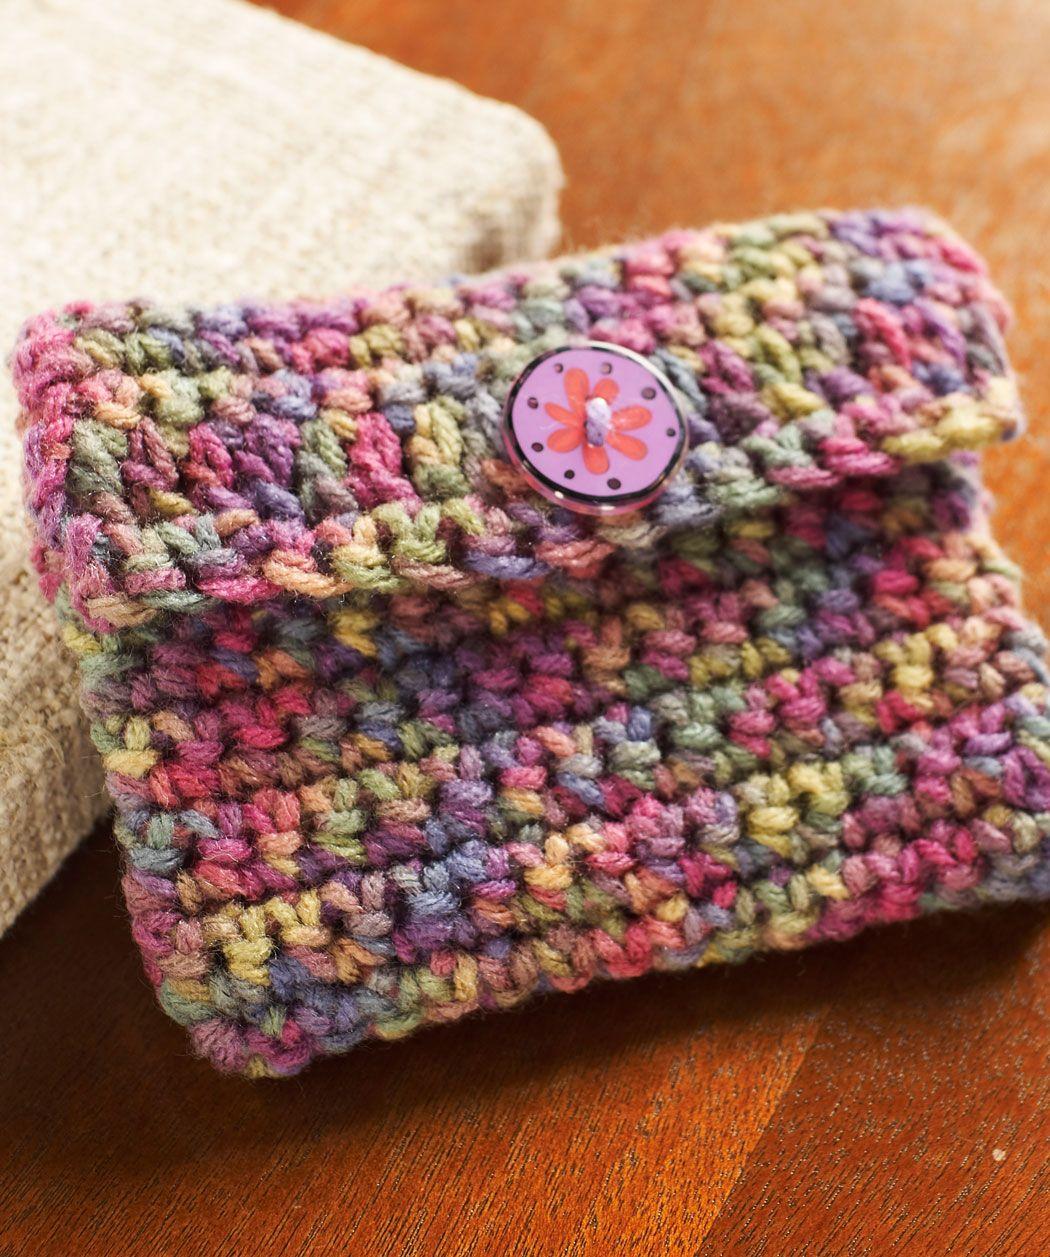 Crochet change purse free crochet pattern from red heart yarns crochet change purse free crochet pattern from red heart yarns bankloansurffo Images